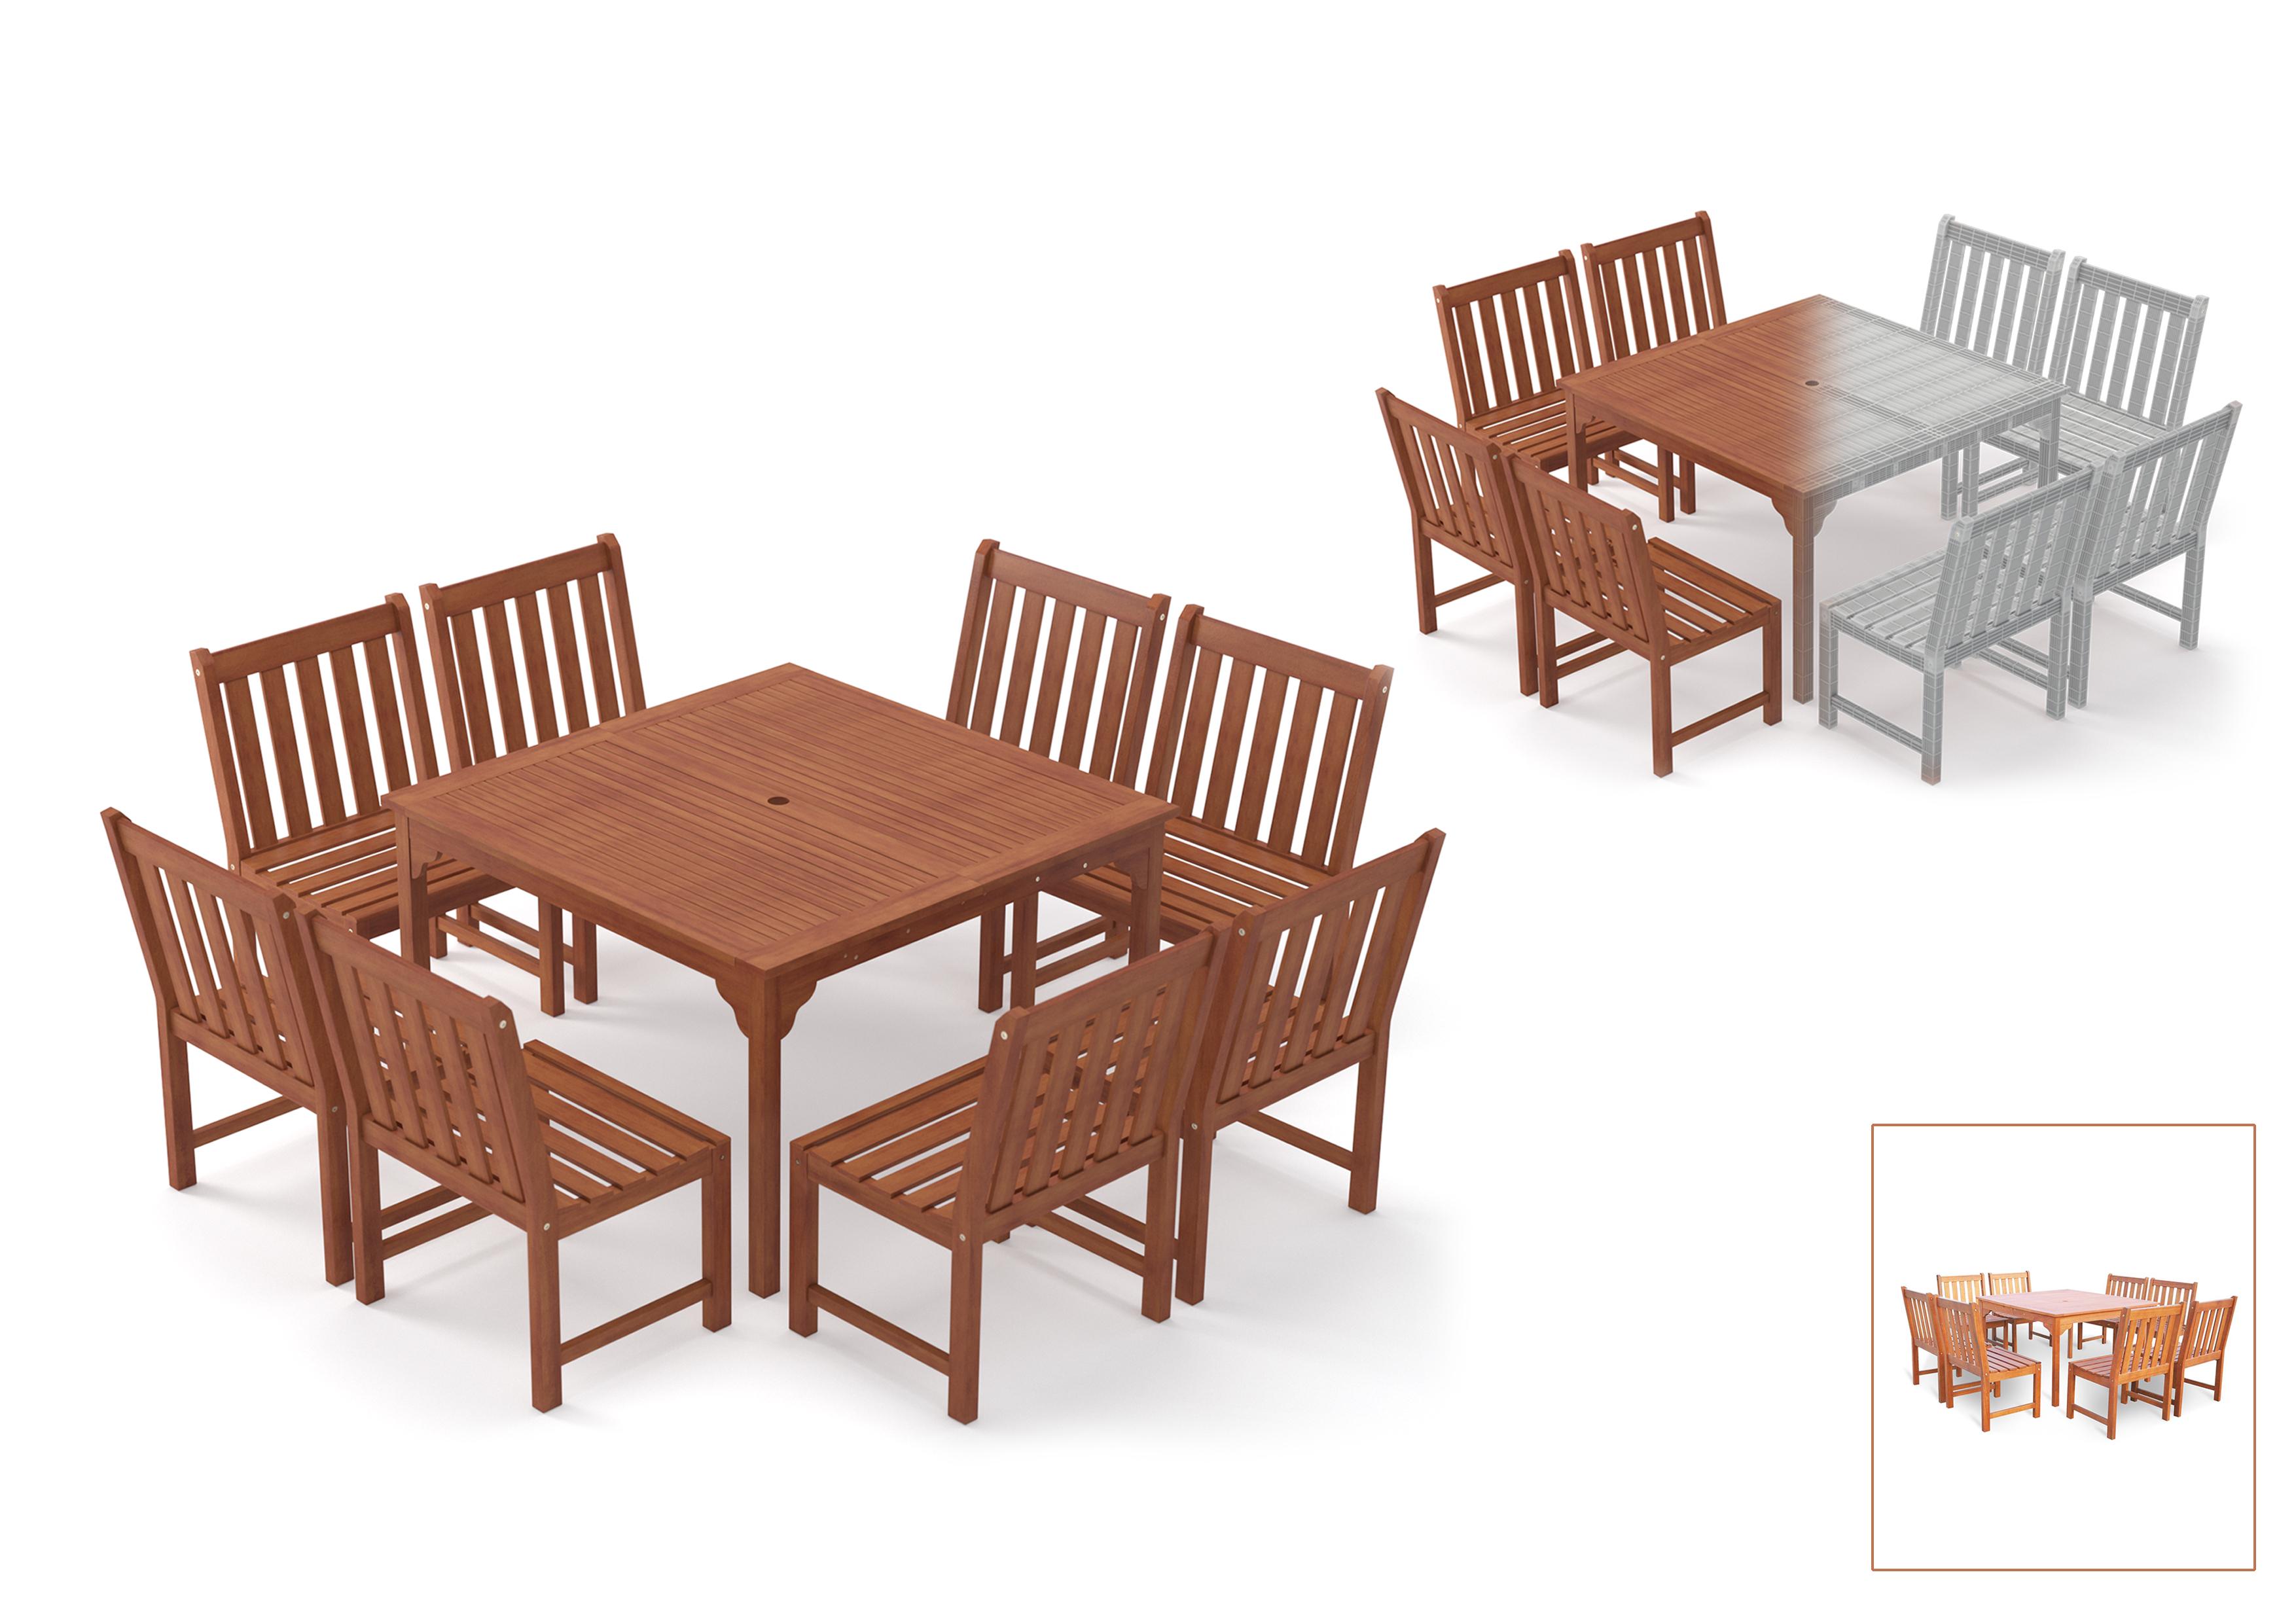 3D Furniture Modeling - 1